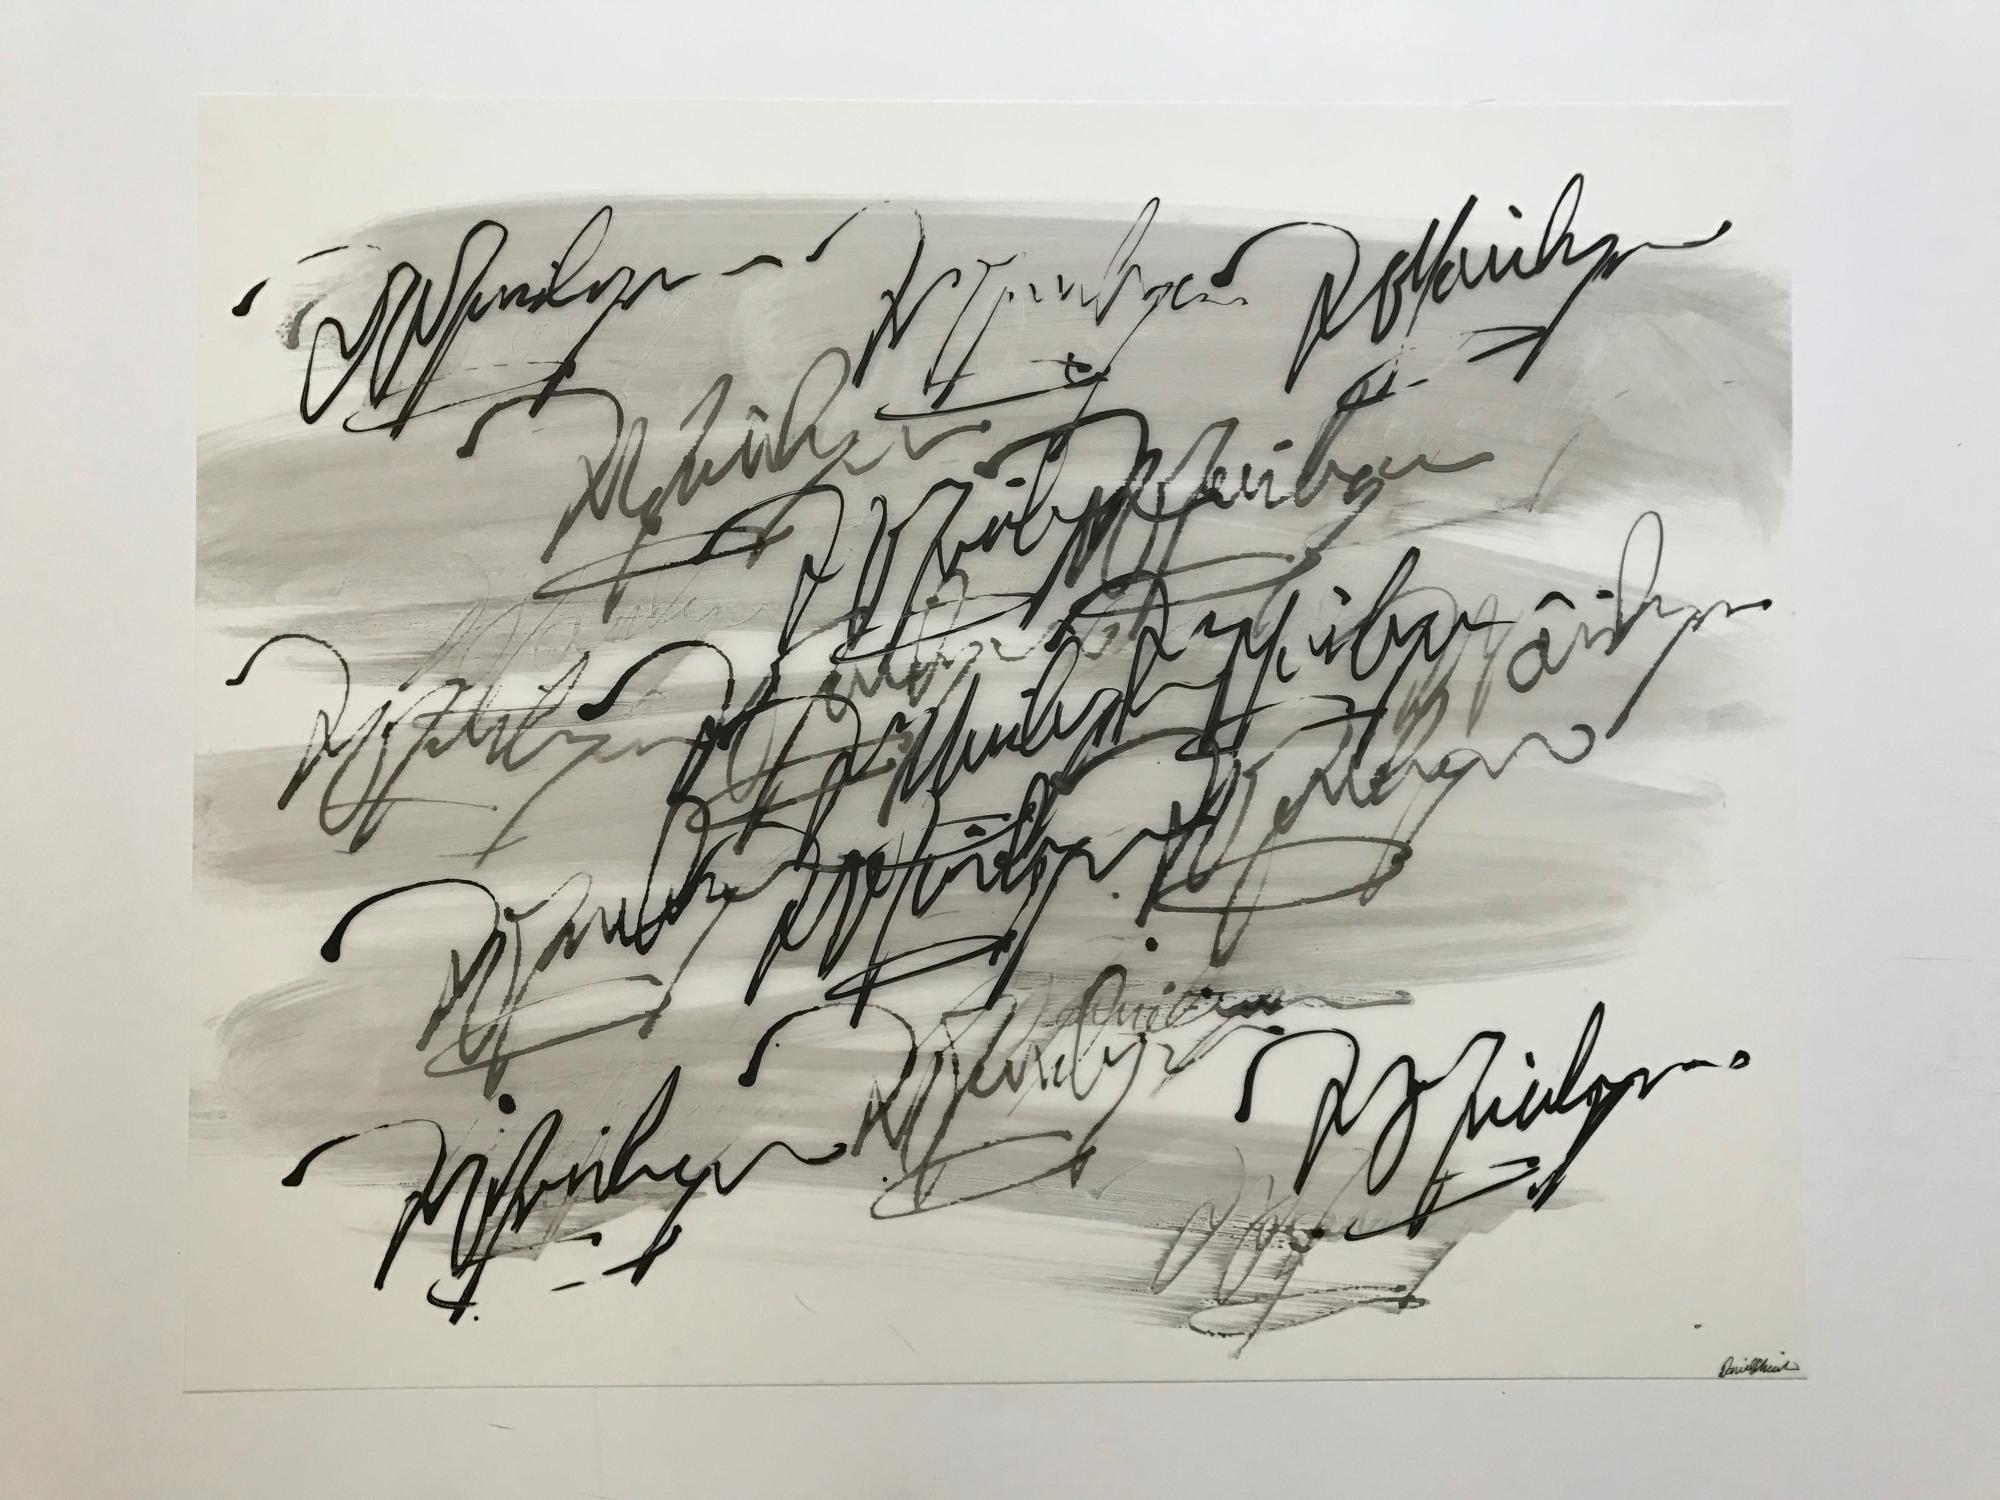 Monroe - Large 2 by Daniel Schneider